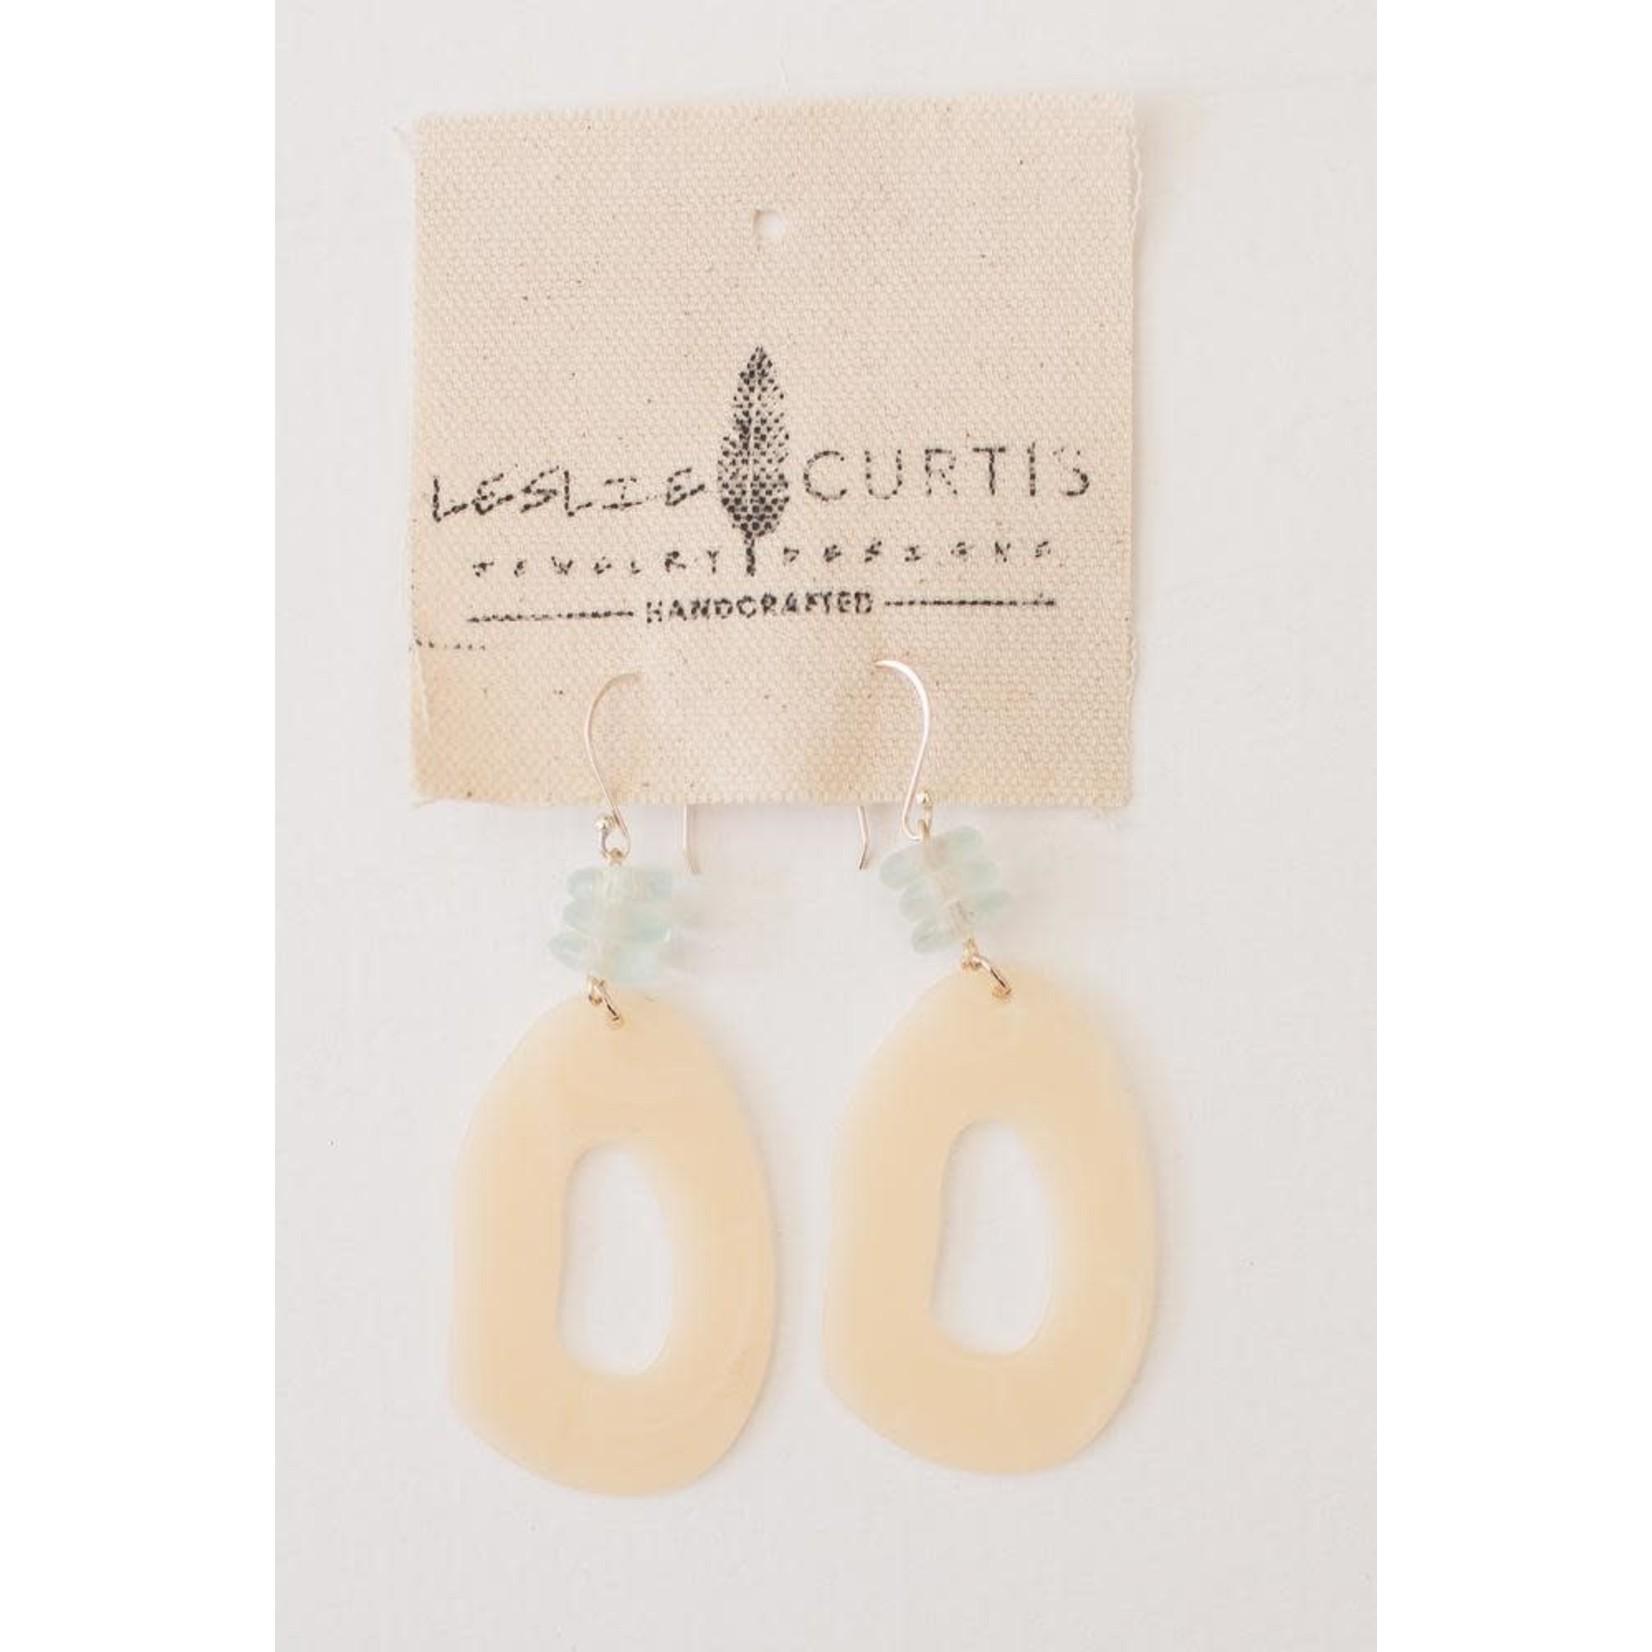 Leslie Curtis Jewelry Designs Etta Resin Earrings